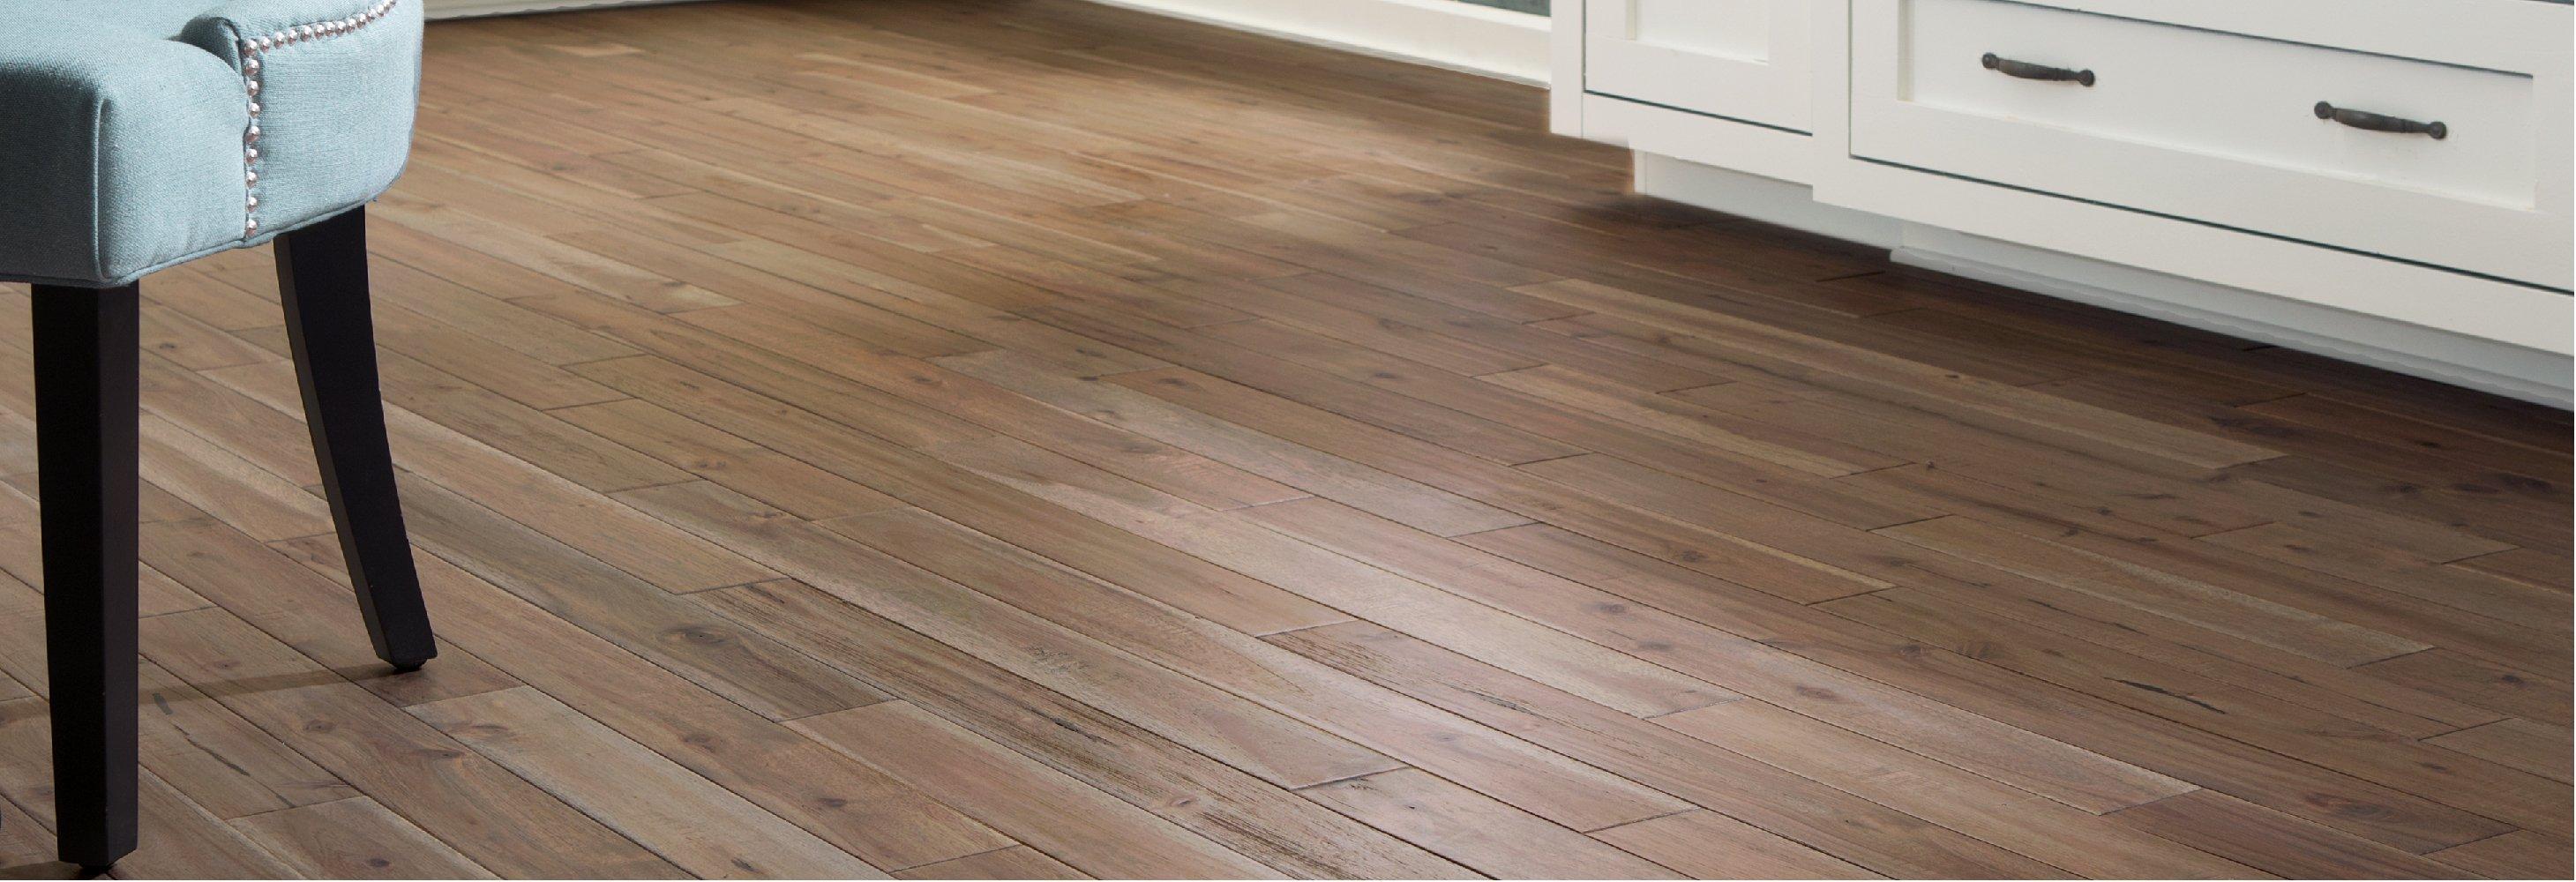 solid hardwood flooring UIFBOAX